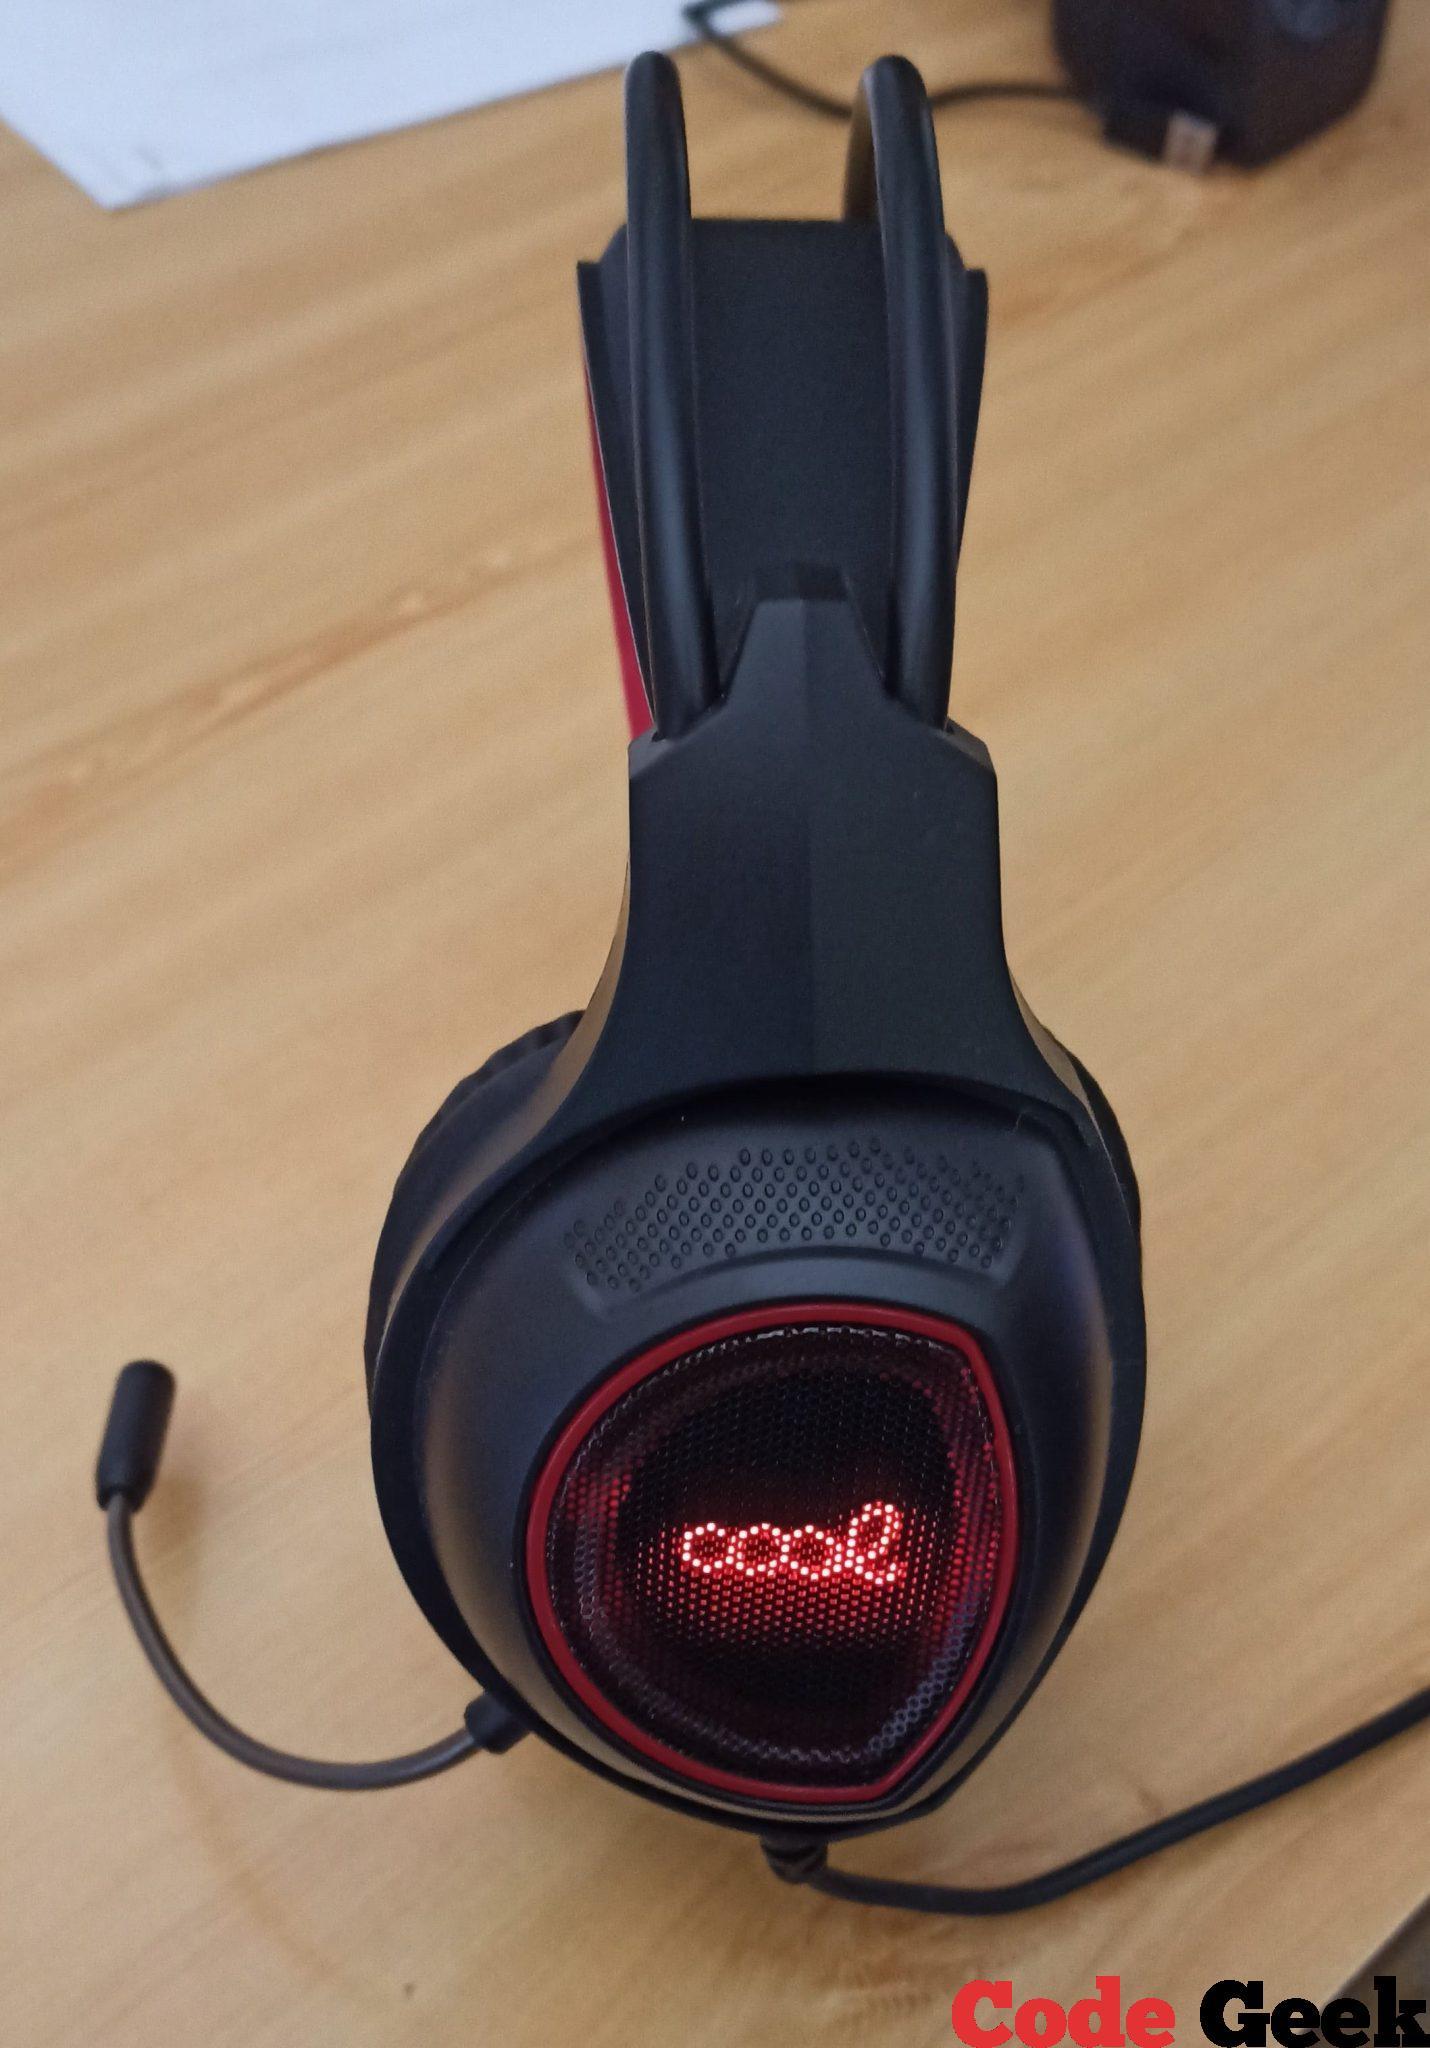 Auriculares Gaming Dakota de COOL Accesorios — Review en Español